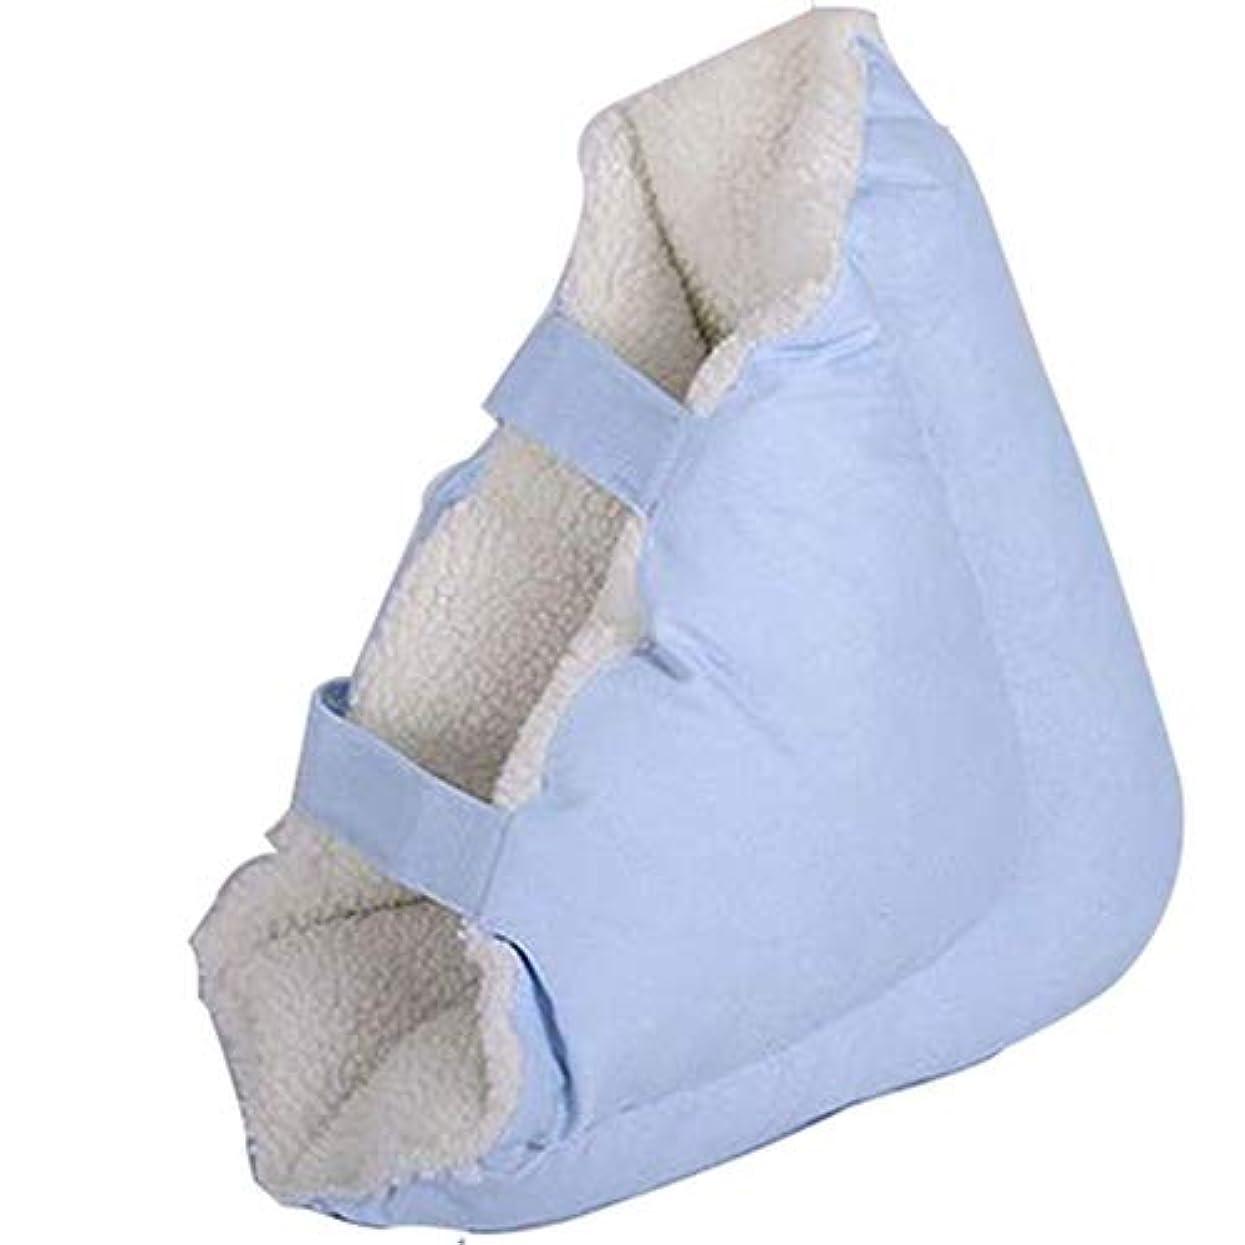 ぶら下がるケーブルカー憲法ヒールクッションプロテクター、足枕かかとパッド保護パッド-抗ニキビ抗菌布枕、1ペア床ずれ防止 かかとあて